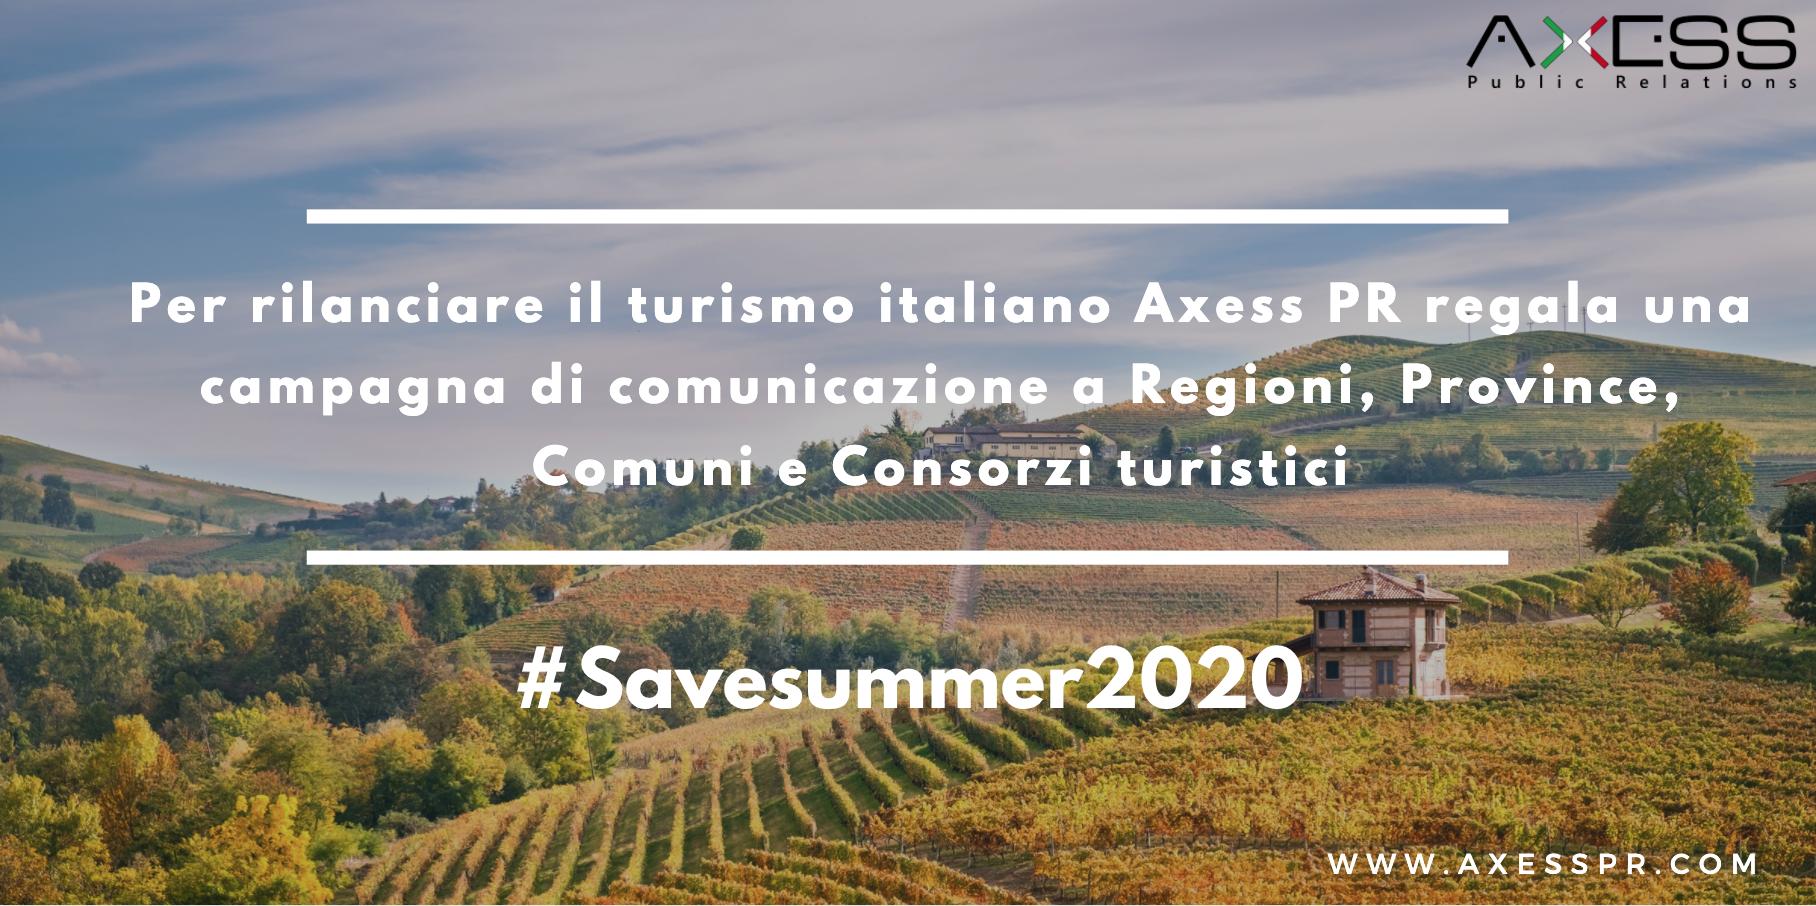 Adnkronos – Turismo internazionale in Italia: già persi quasi 10 miliardi di Euro e 35 milioni di visitatori.